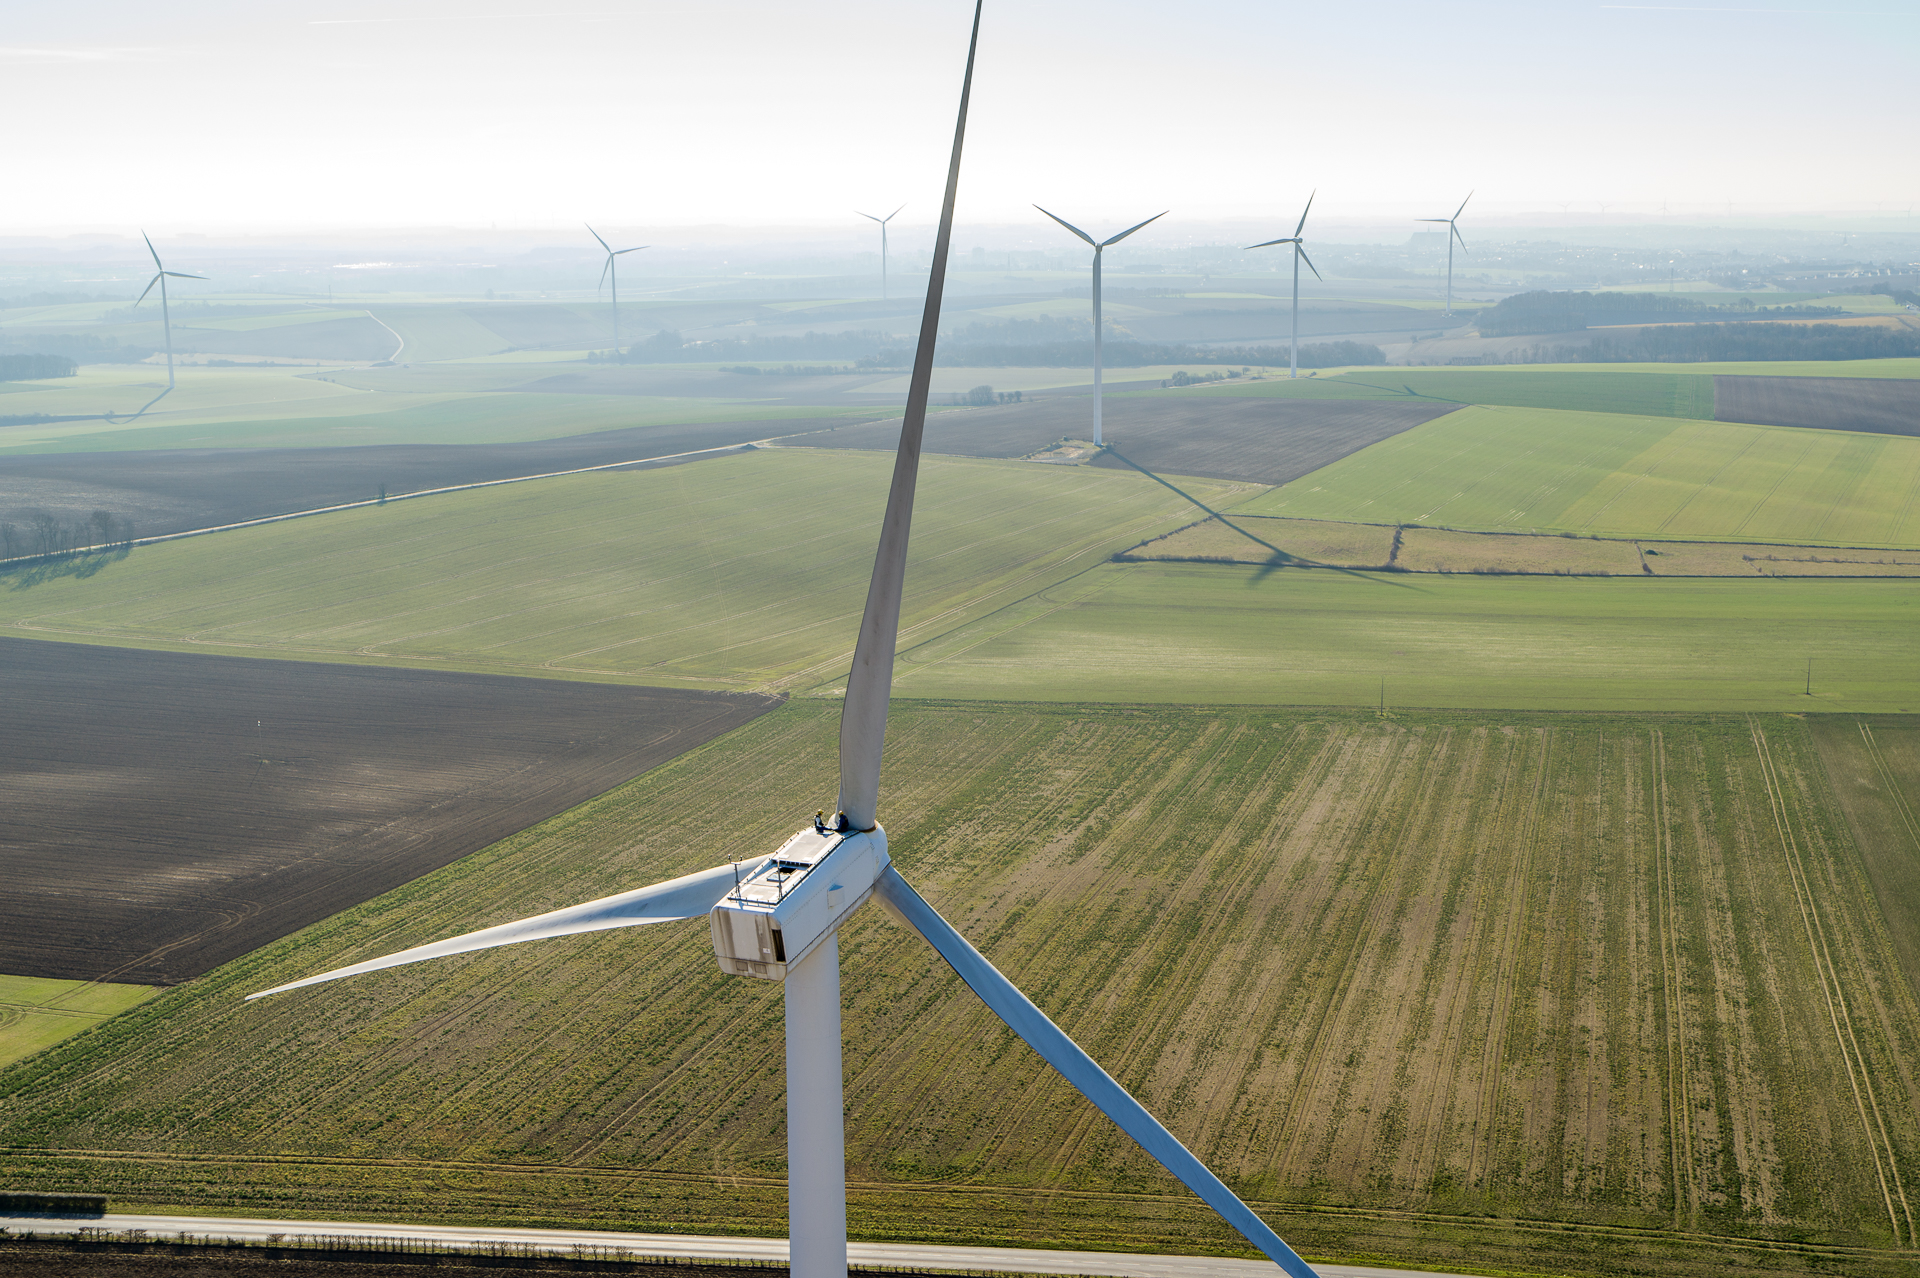 Kallista_Energy_Picardie_Omissy-0806©Stephane_Leroy.jpg